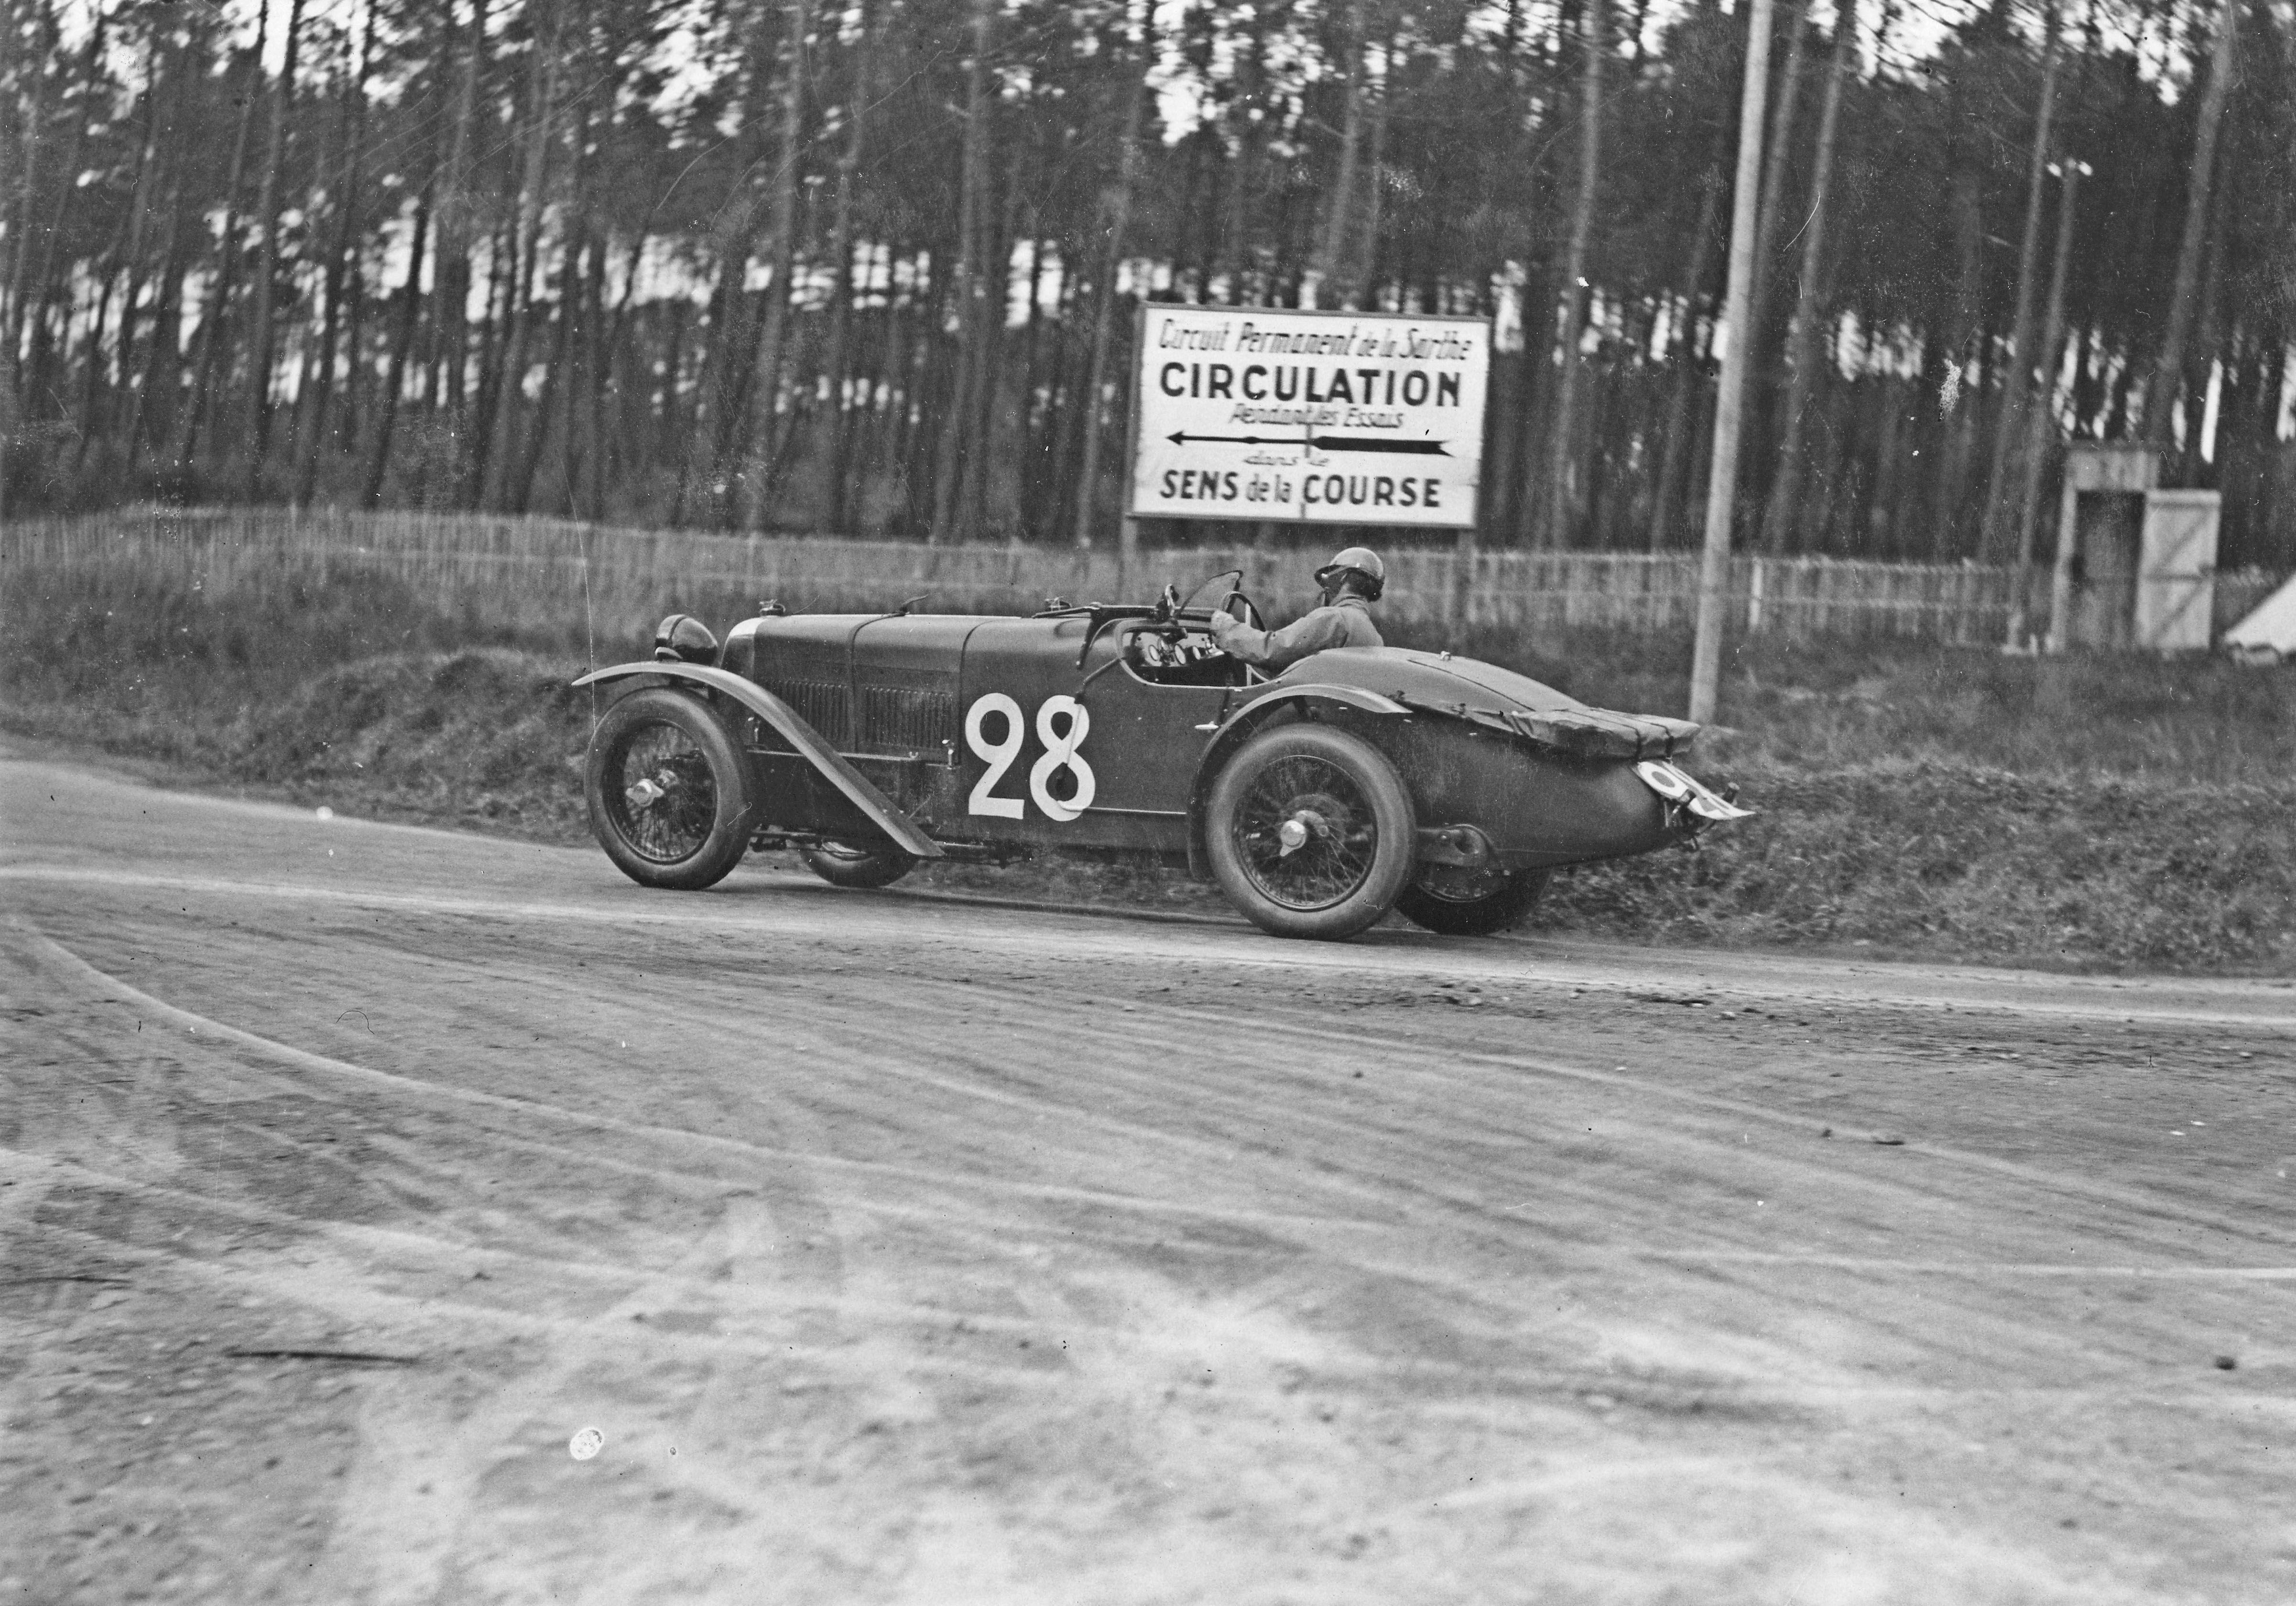 Le Mans 1928 Alvis 28 Le Mans Voiture 24h Du Mans